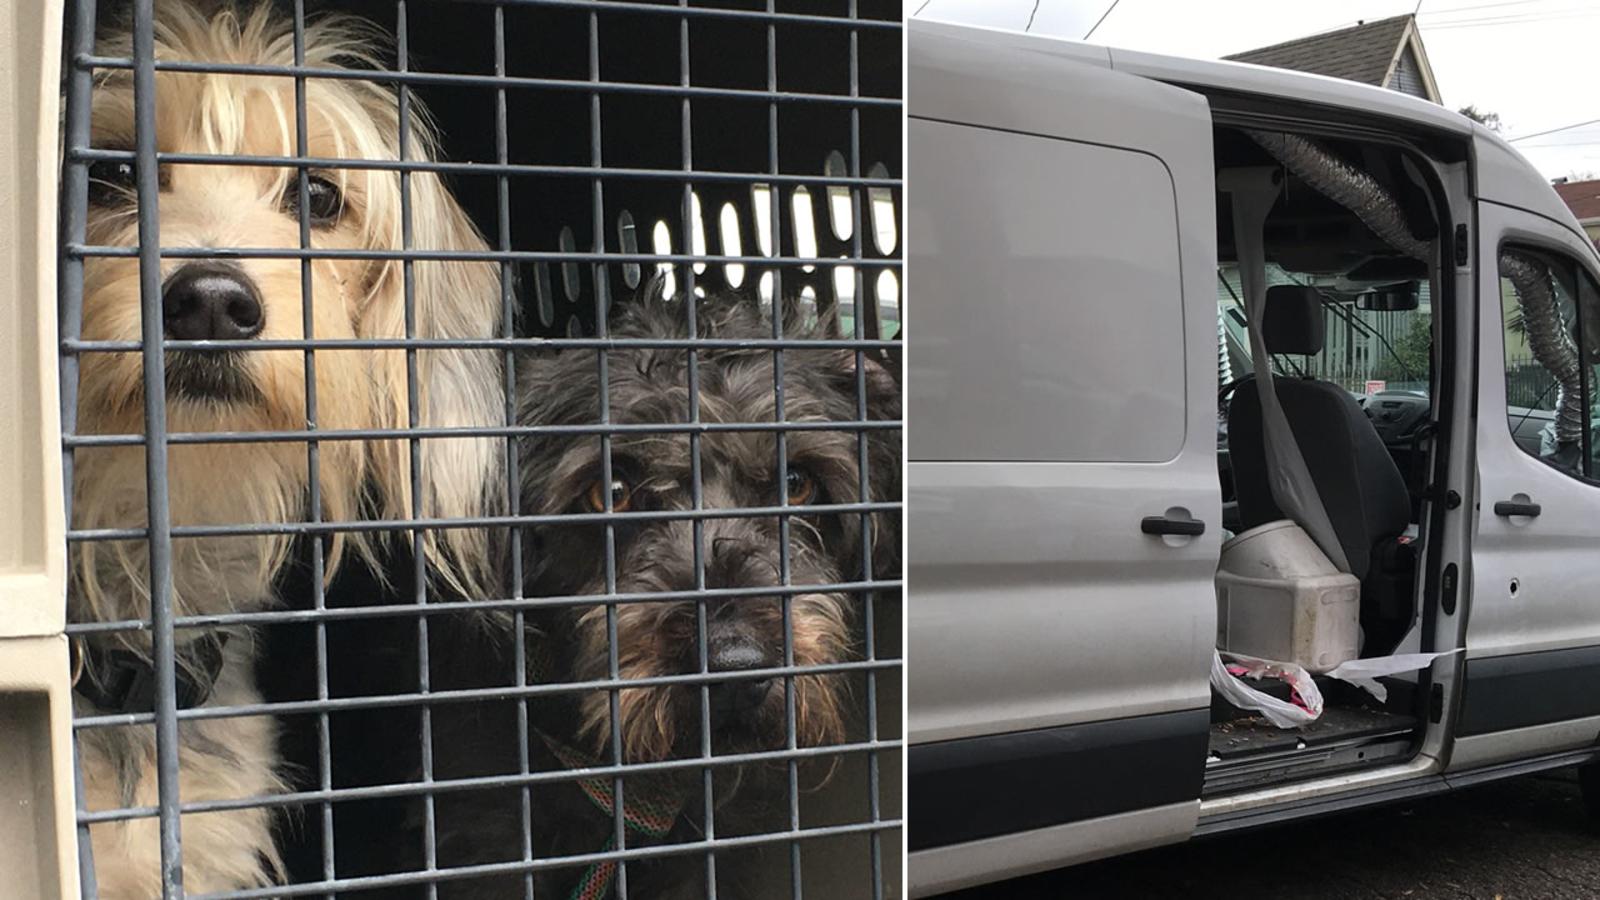 Van stolen from Fremont 2 dozen dogs inside recovered in Oakland